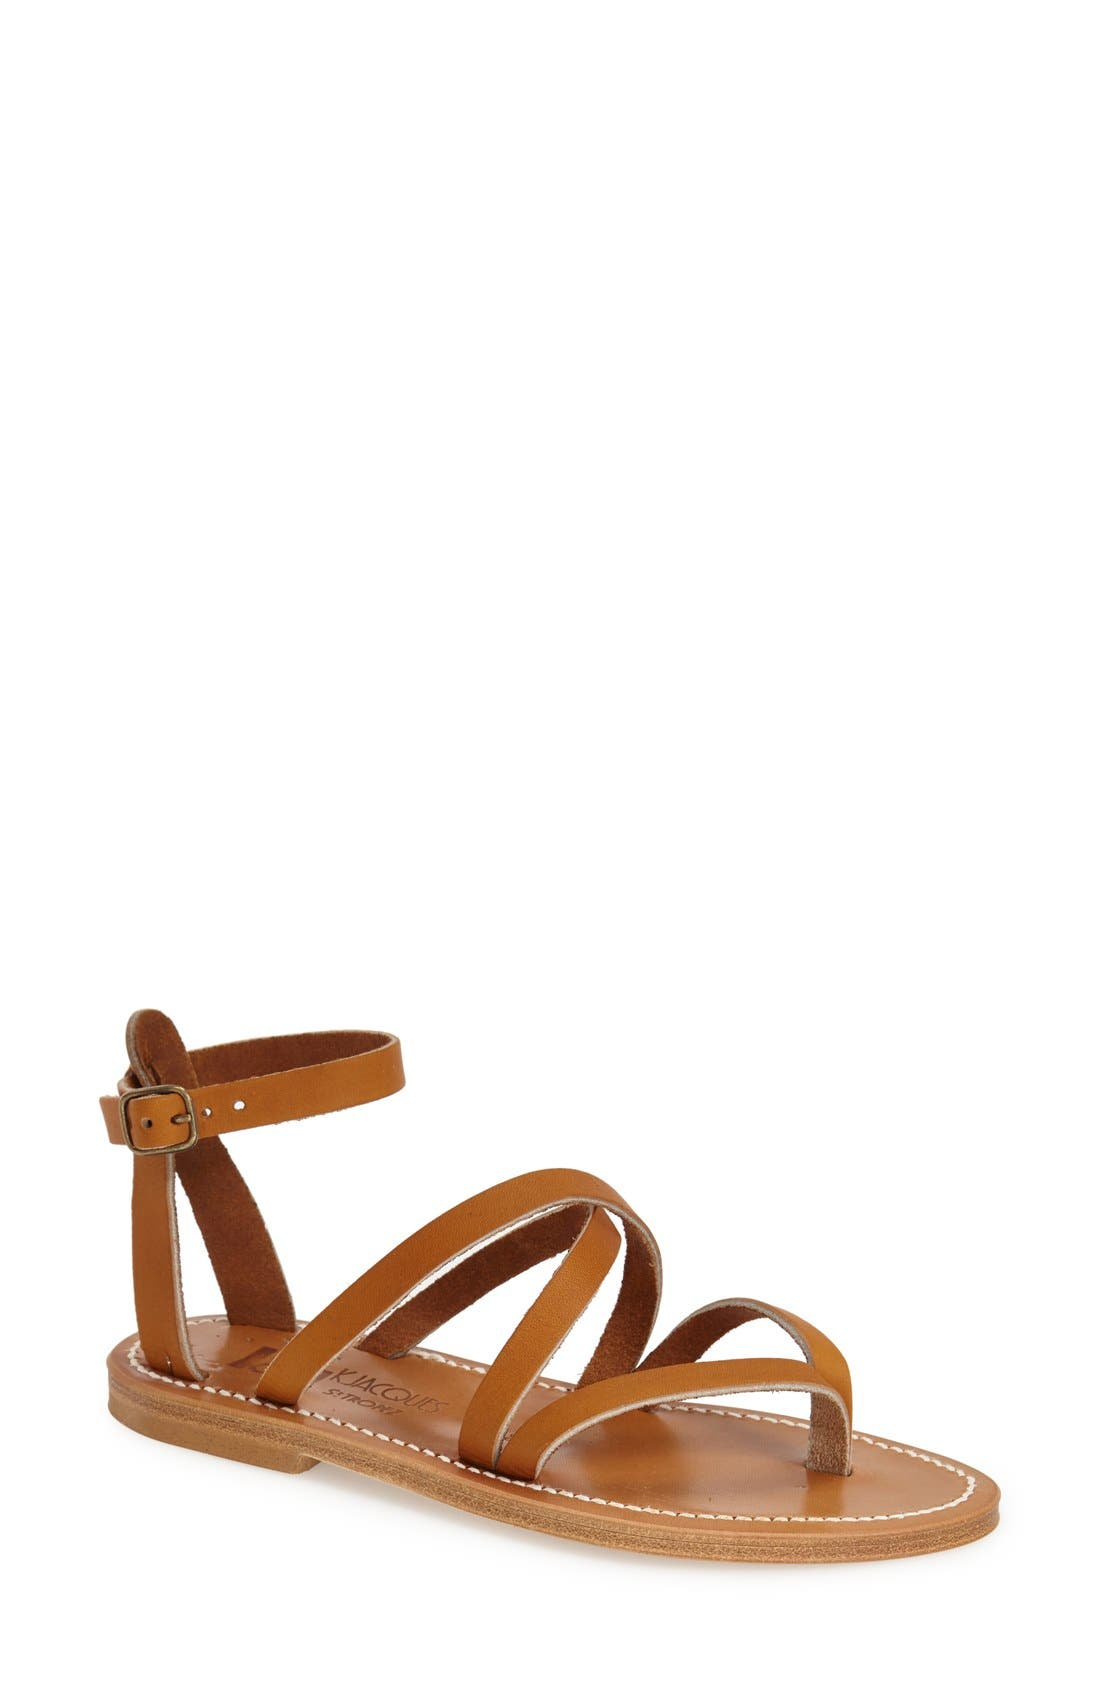 Alternate Image 1 Selected - K.Jacques St. Tropez 'Epicure' Sandal (Women)